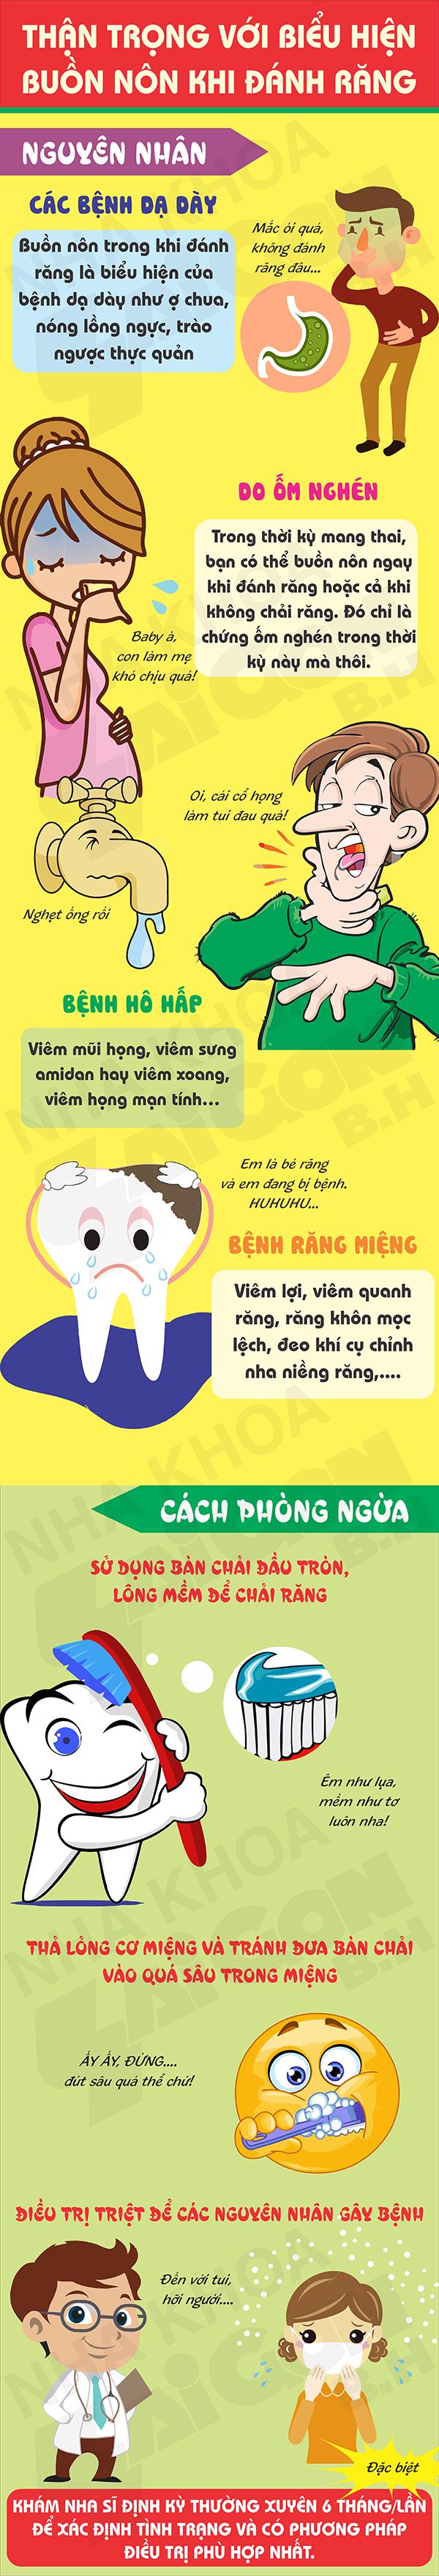 Buồn nôn khi đánh răng là biểu hiện của bệnh gì?